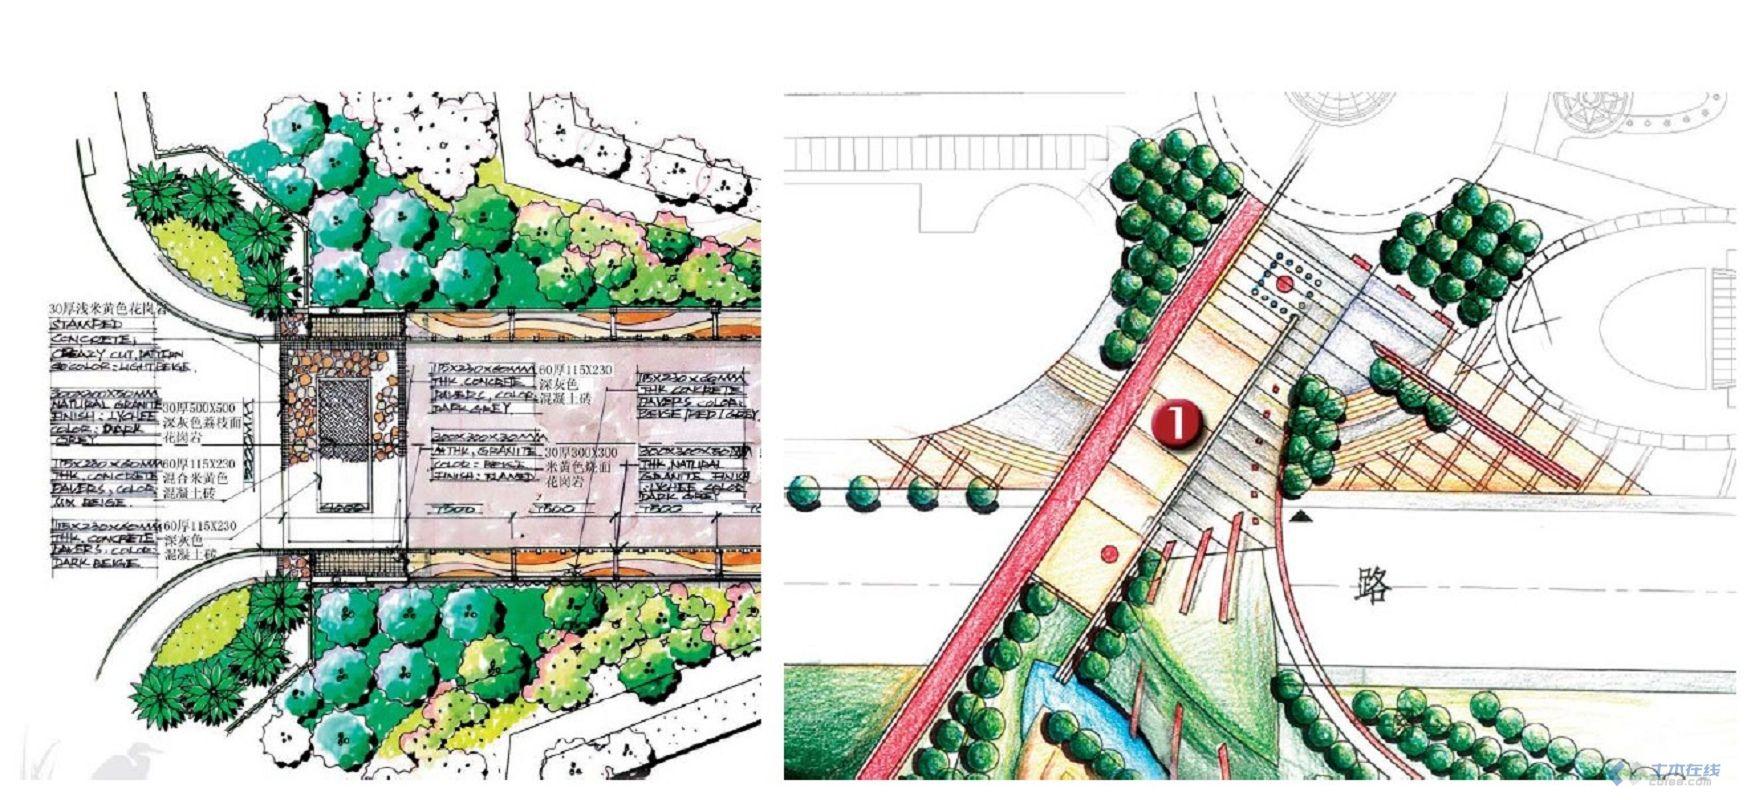 小区入口景观手绘效果图 兼职手绘景观建筑平面图效果图 分享景观